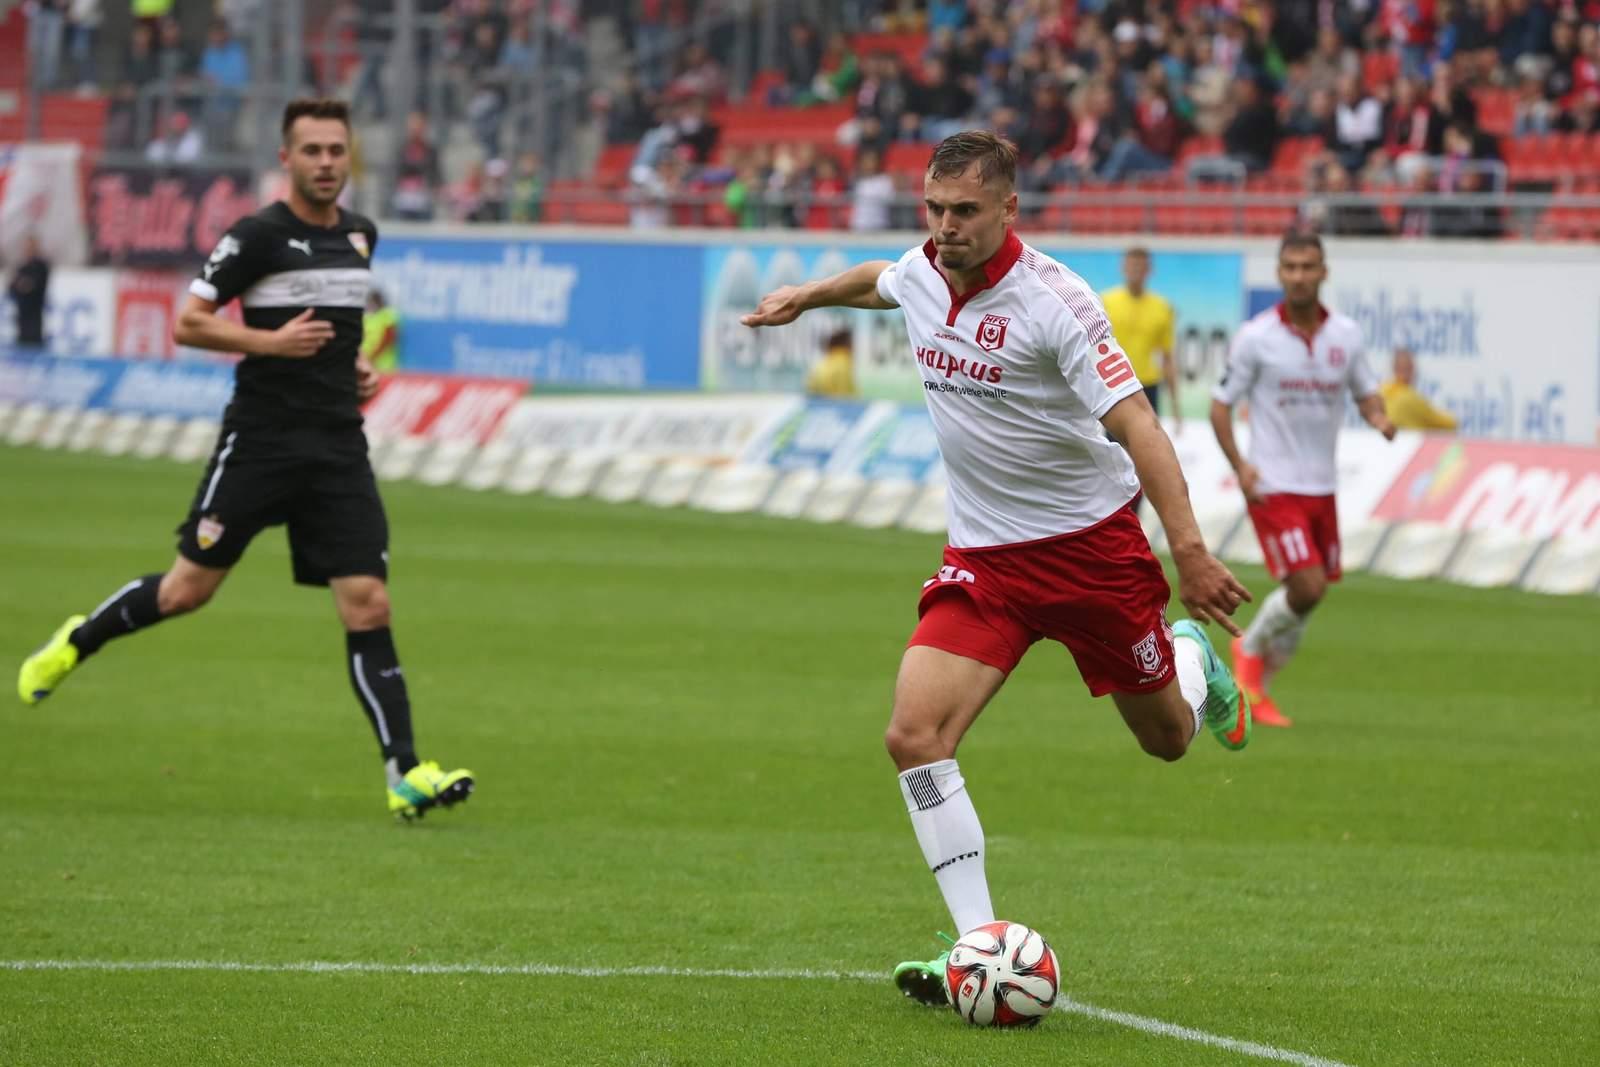 Robert Schick vom Halleschen FC